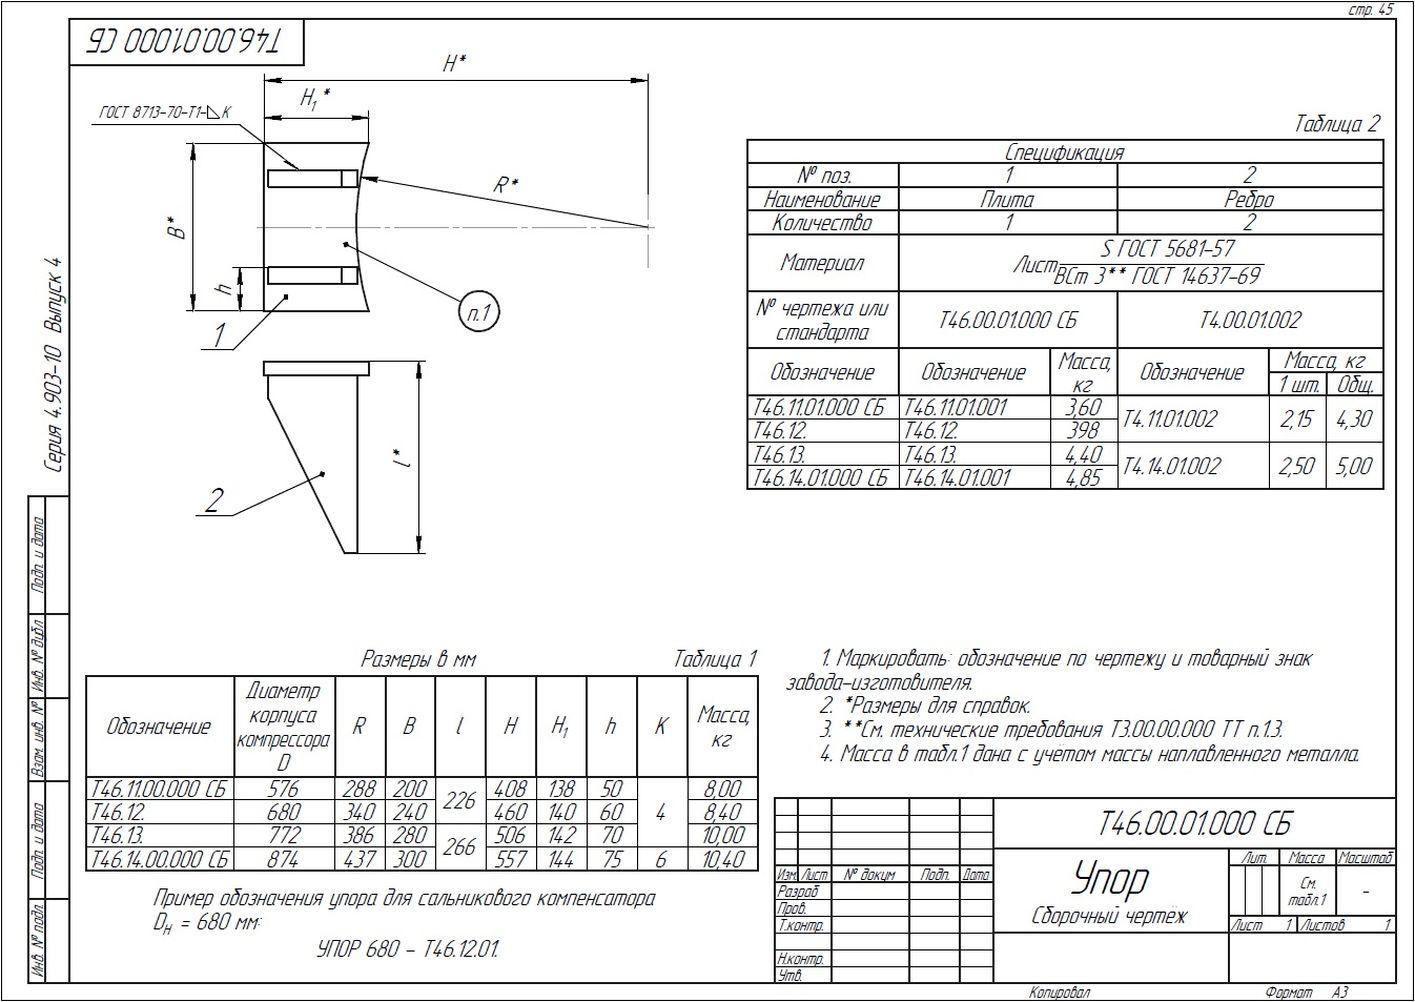 Опора неподвижная лобовая Т46 серия 4.903-10 вып.4 стр.5